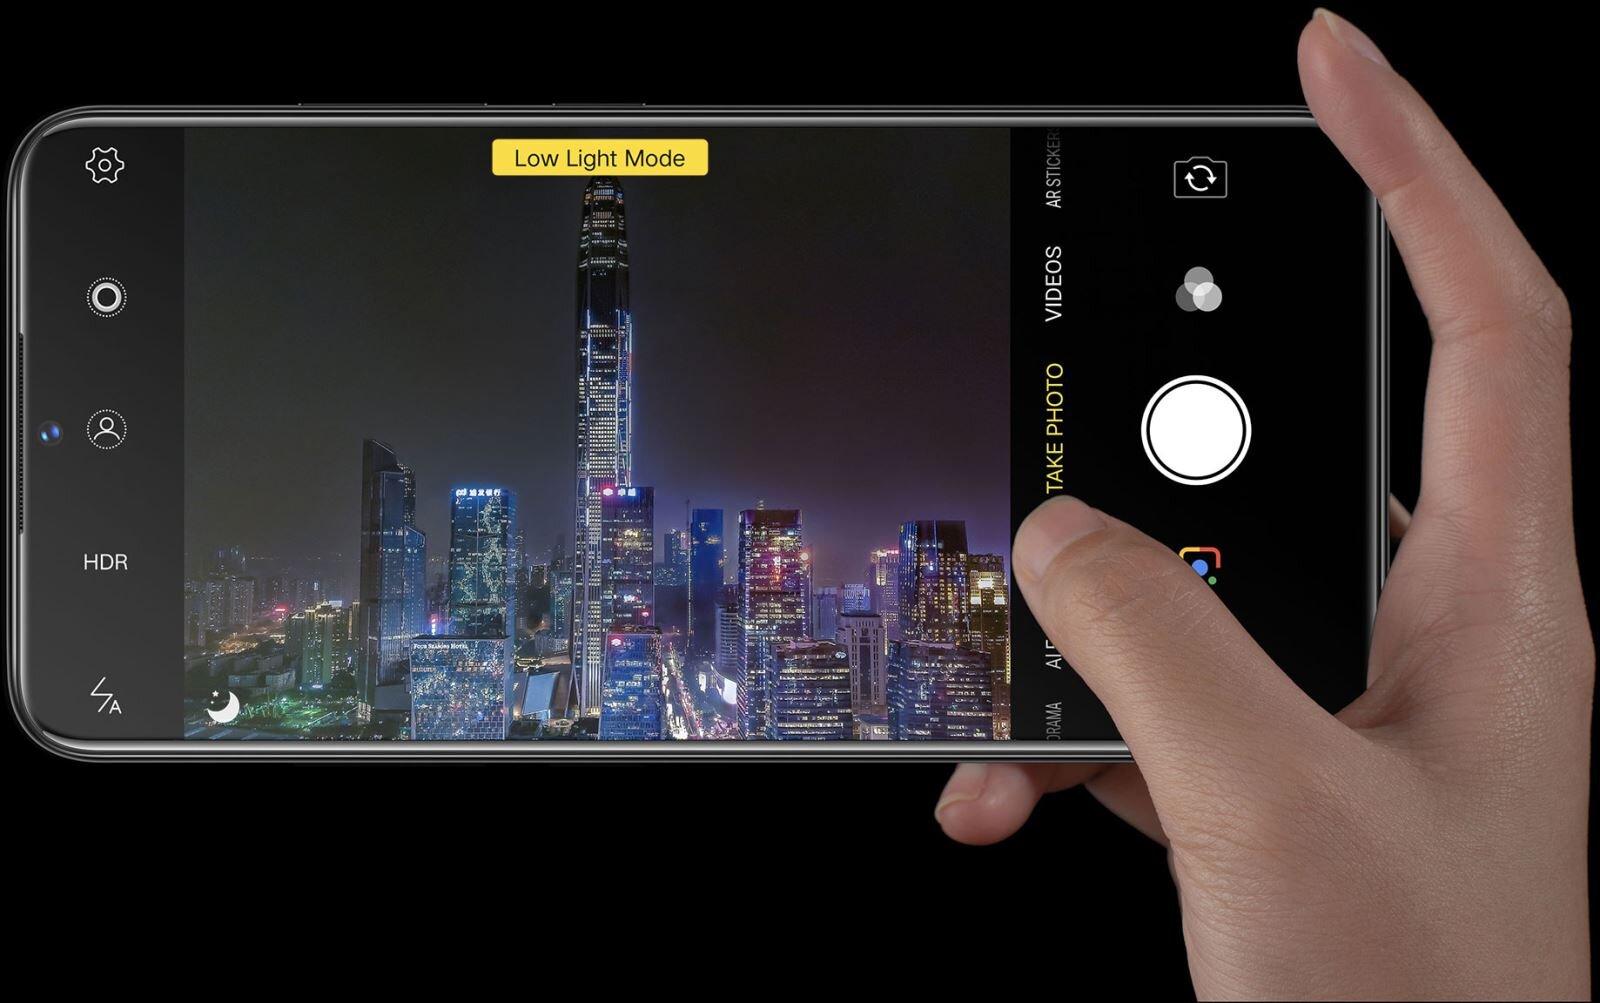 Điện thoại Vivo V11i sở hữu camera chụp ảnh ban đêm